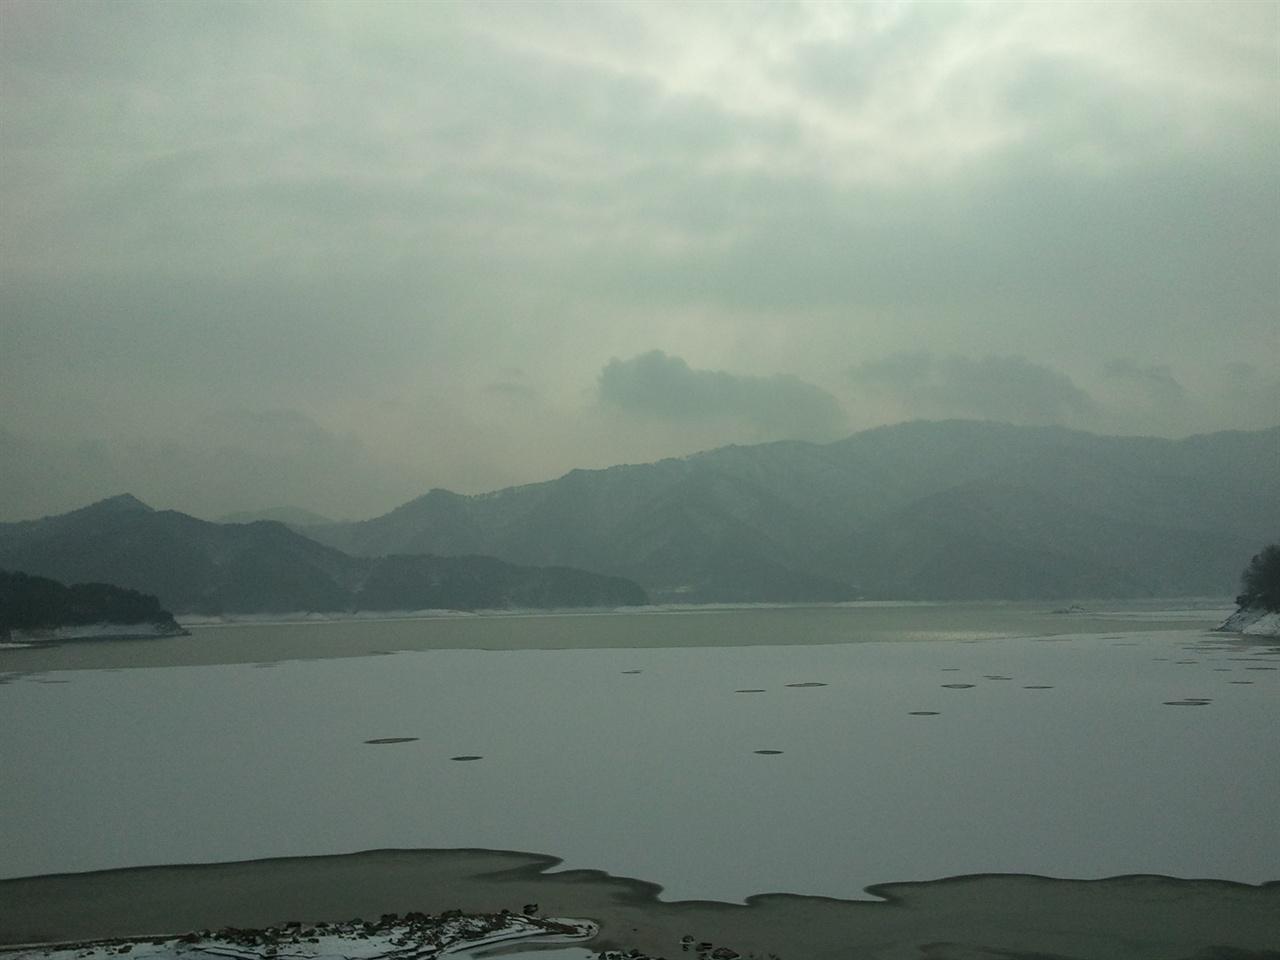 파로호 사계 - 겨울 동촌리의 대붕호